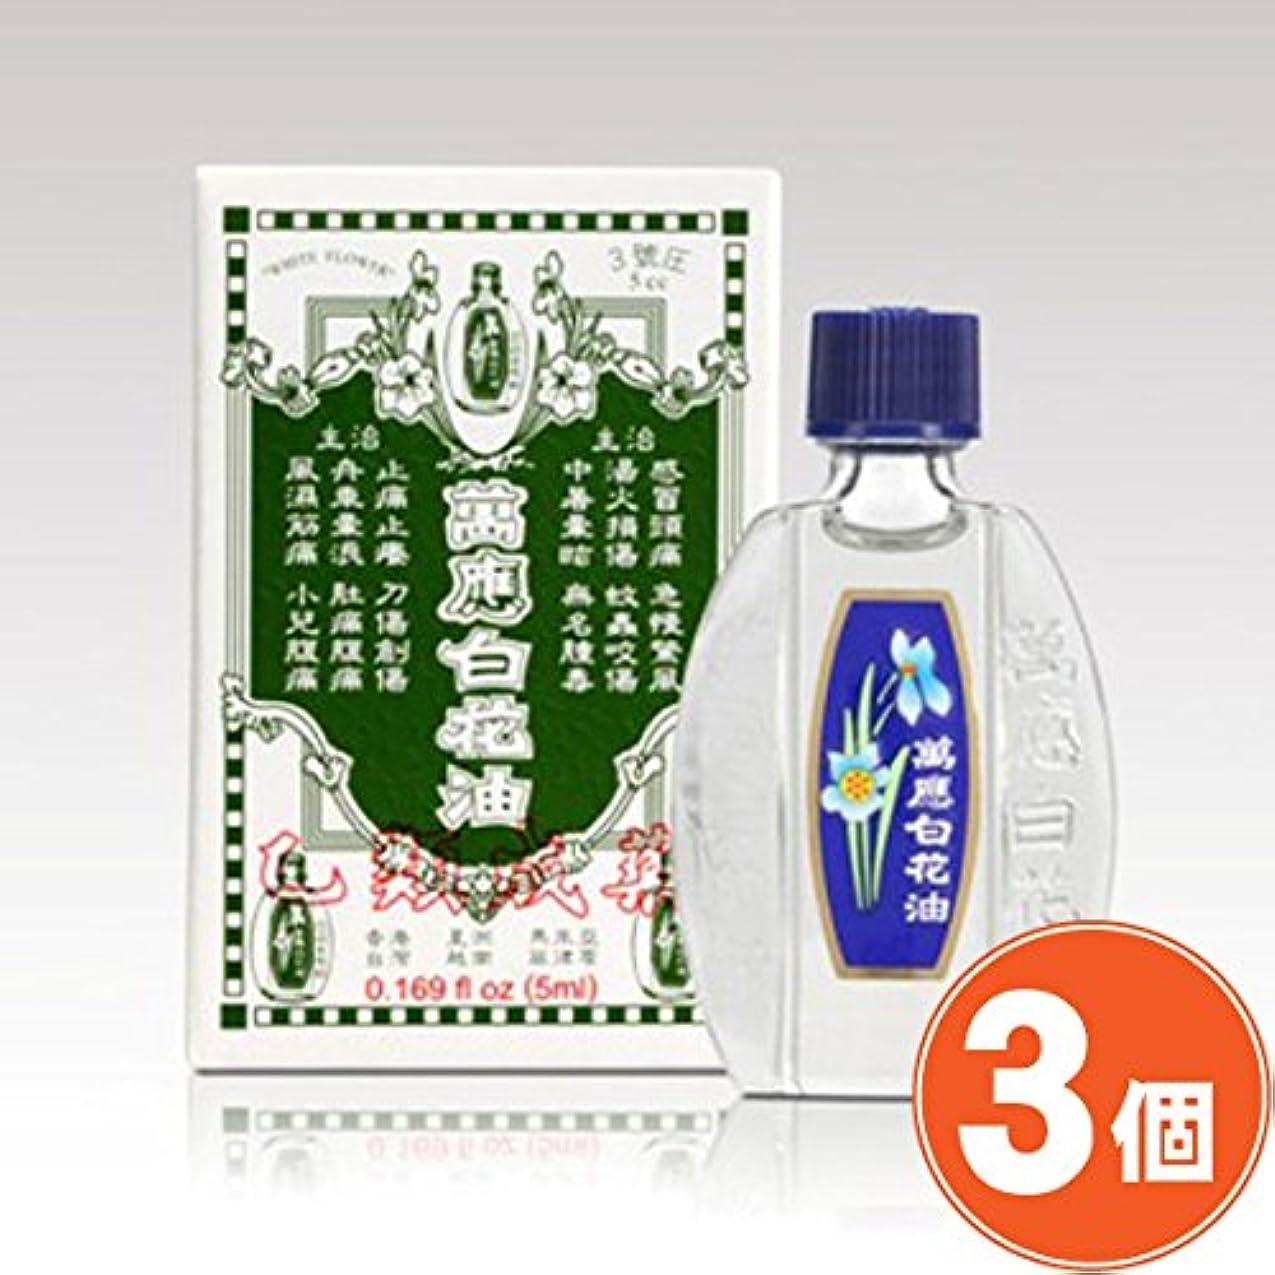 アクセント率直なソフトウェア《萬應白花油》 台湾の万能アロマオイル 万能白花油 5ml × 3個 《台湾 お土産》 [並行輸入品]